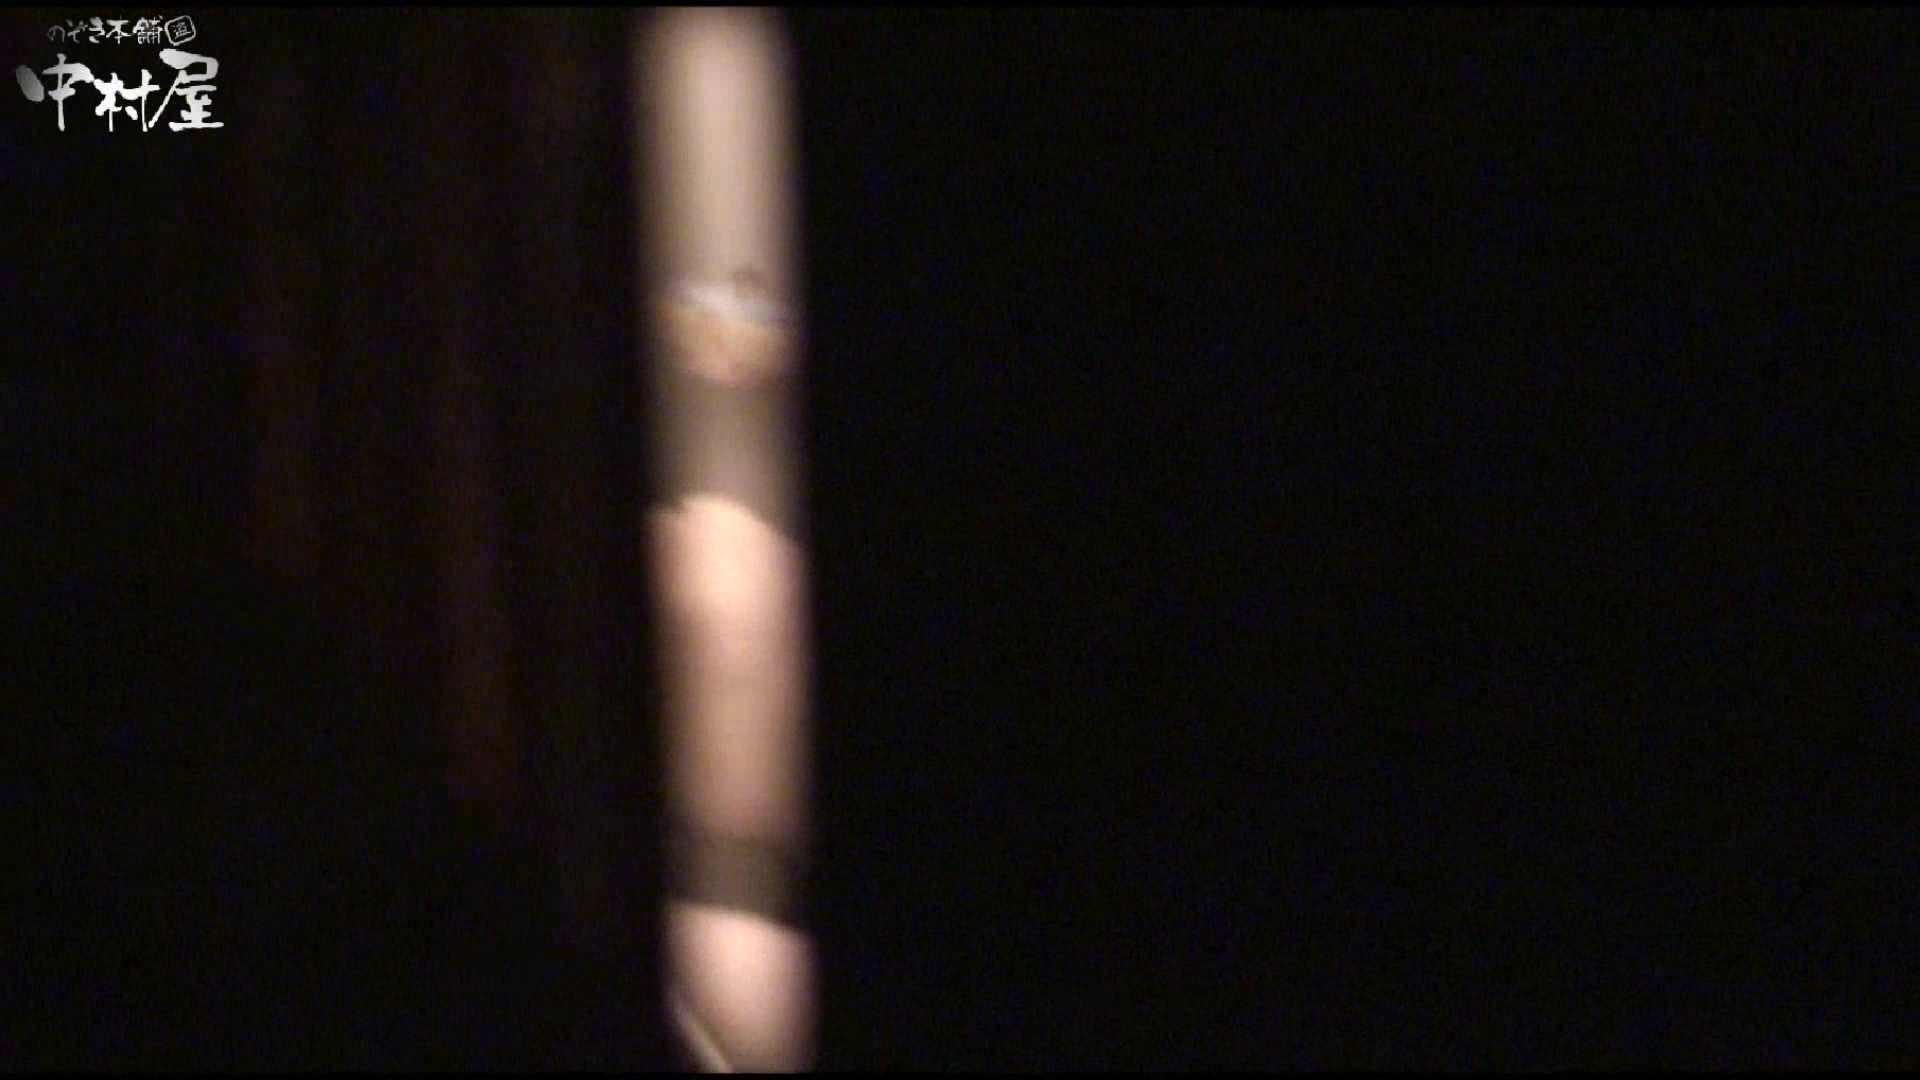 民家風呂専門盗撮師の超危険映像 vol.028 盗撮 おまんこ動画流出 54枚 3